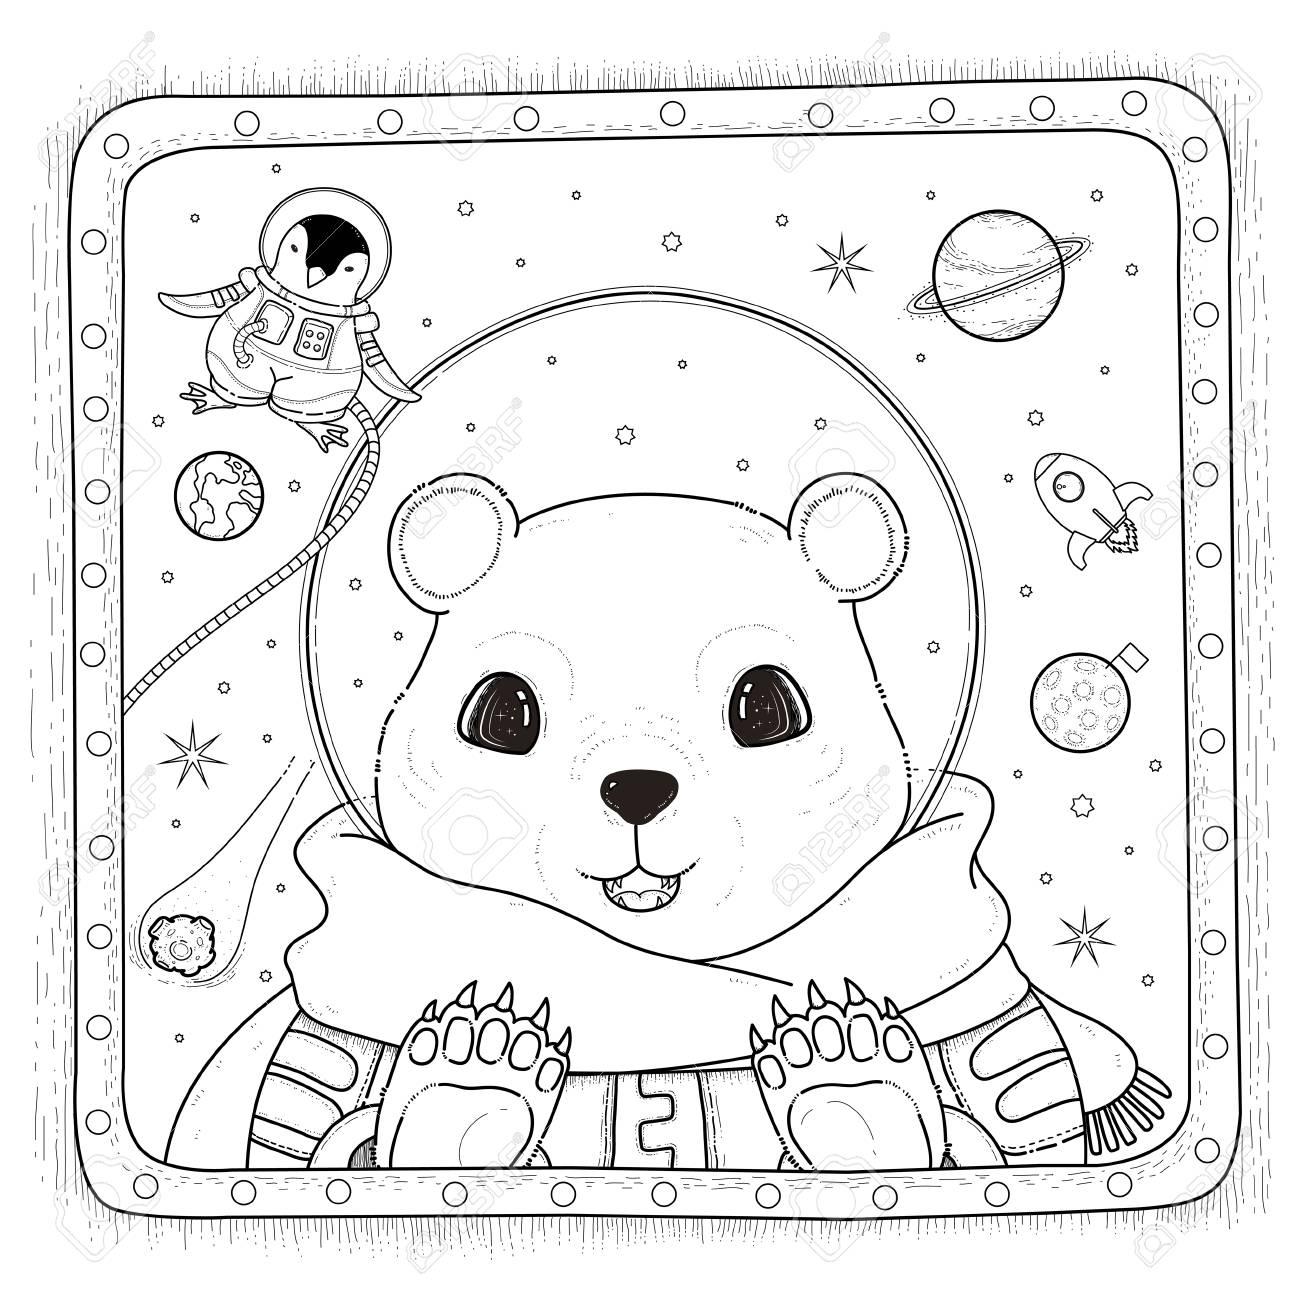 Adorable Eisbär Astronaut - Adult Malvorlagen Lizenzfrei Nutzbare ...